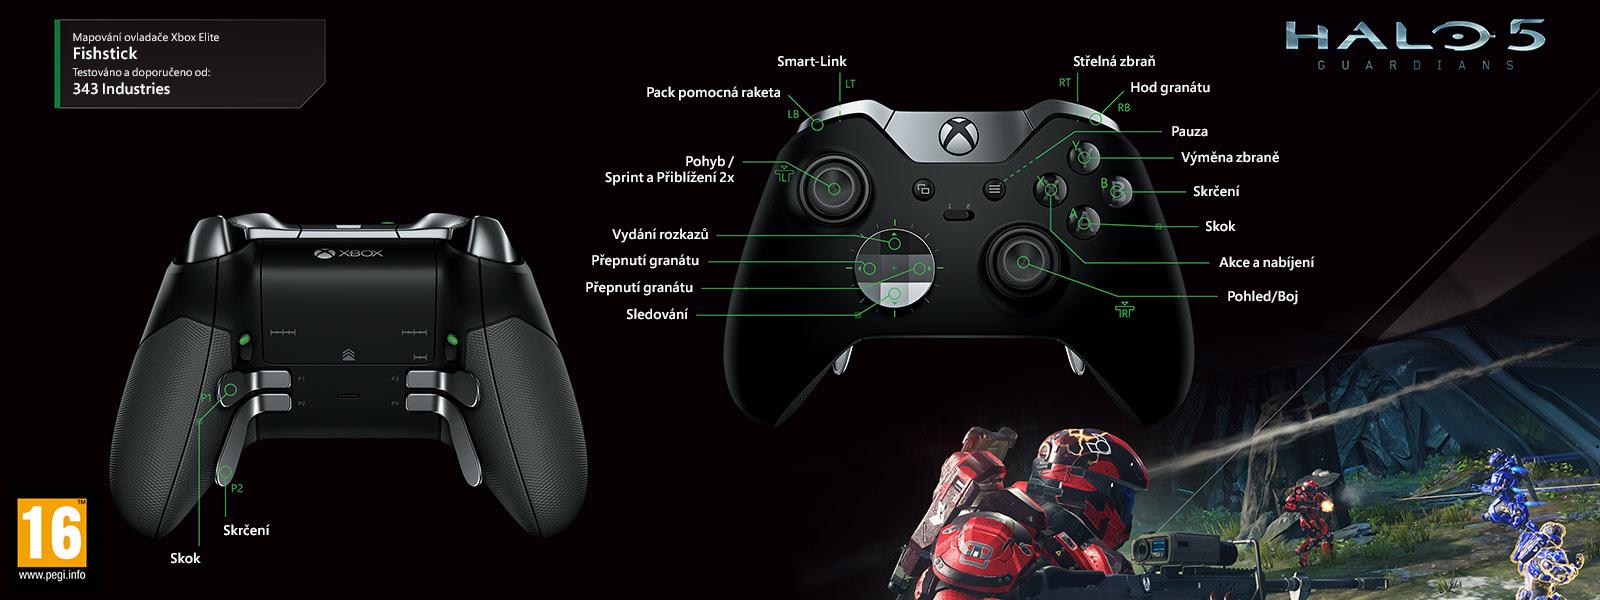 Halo 5 – elitní mapování ovladače fish stick